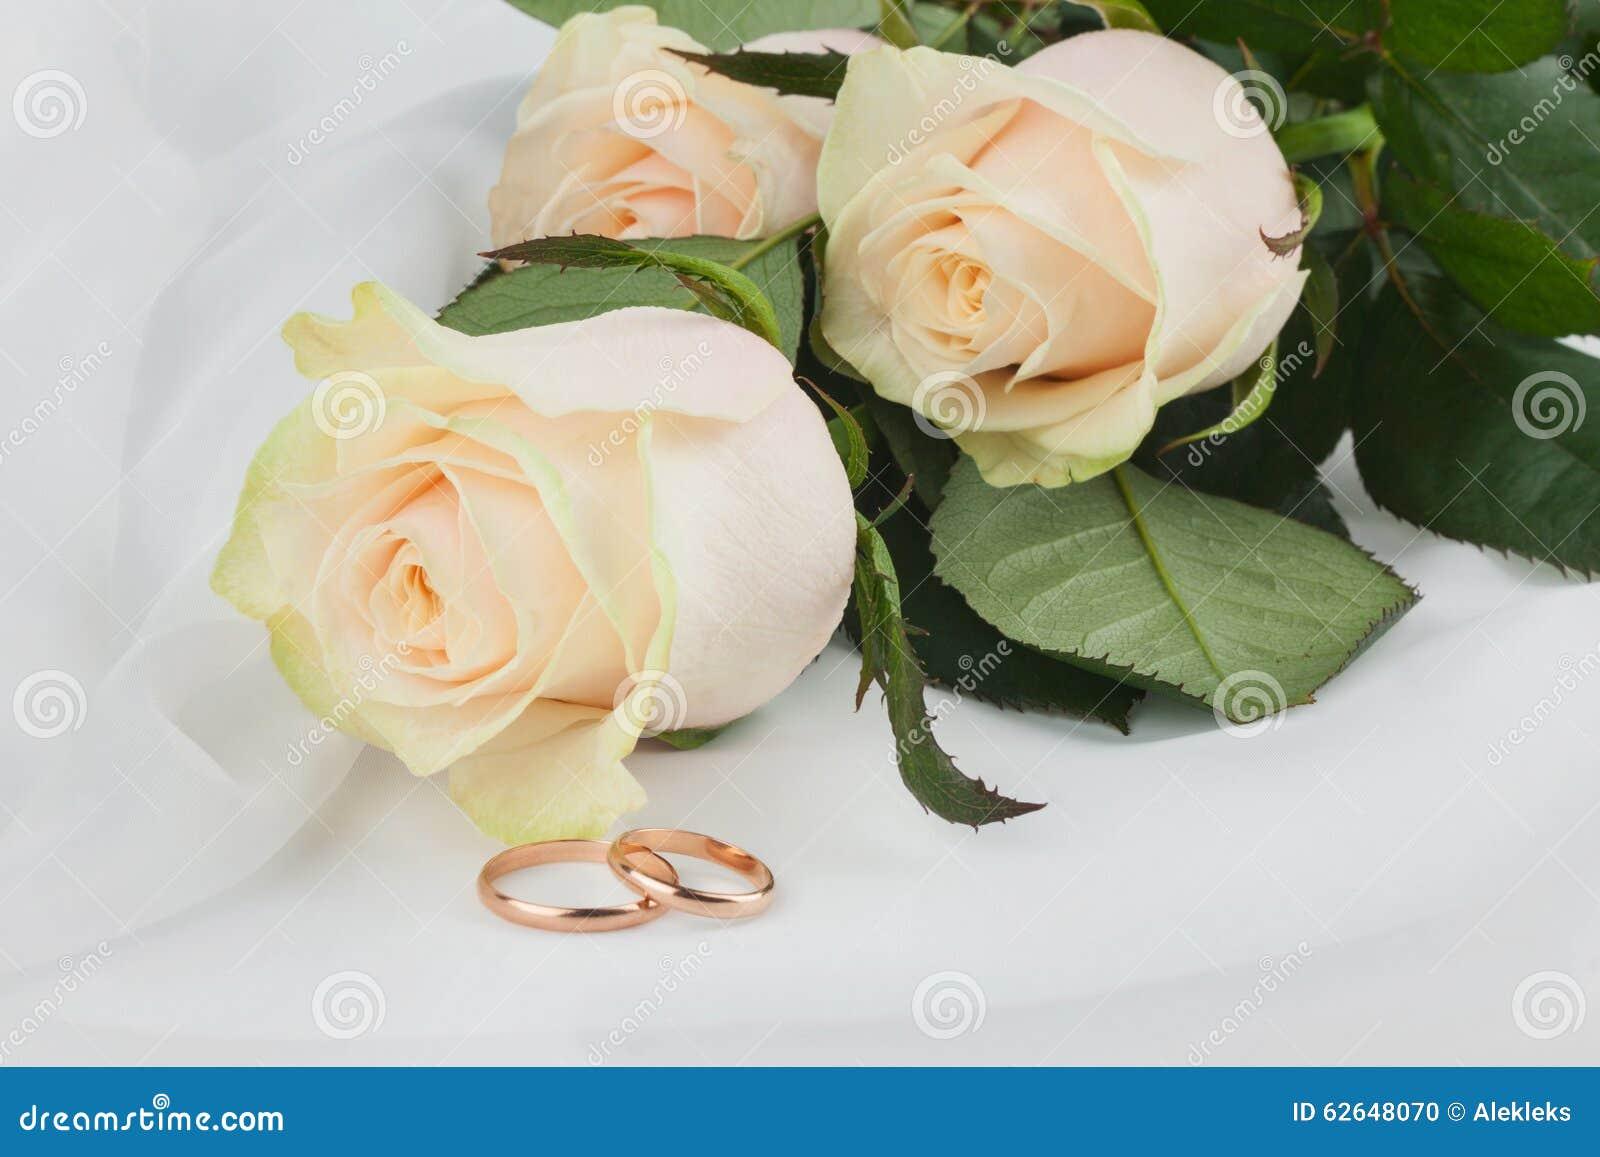 Anneaux Et Fleurs De Mariage Sur La Soie Photo stock - Image: 62648070